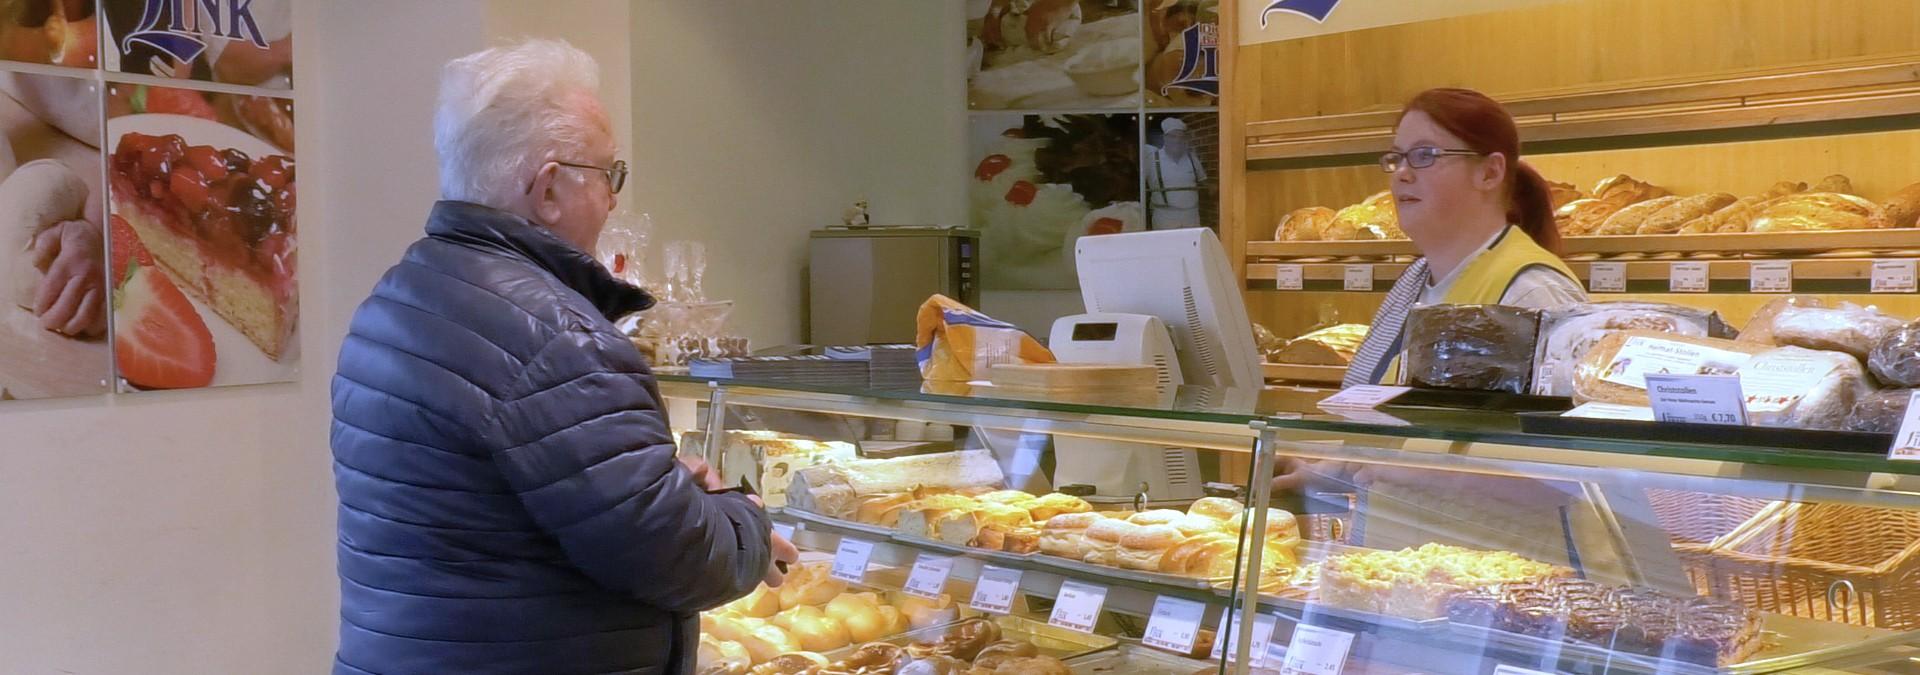 Bäcker in Aufruhr